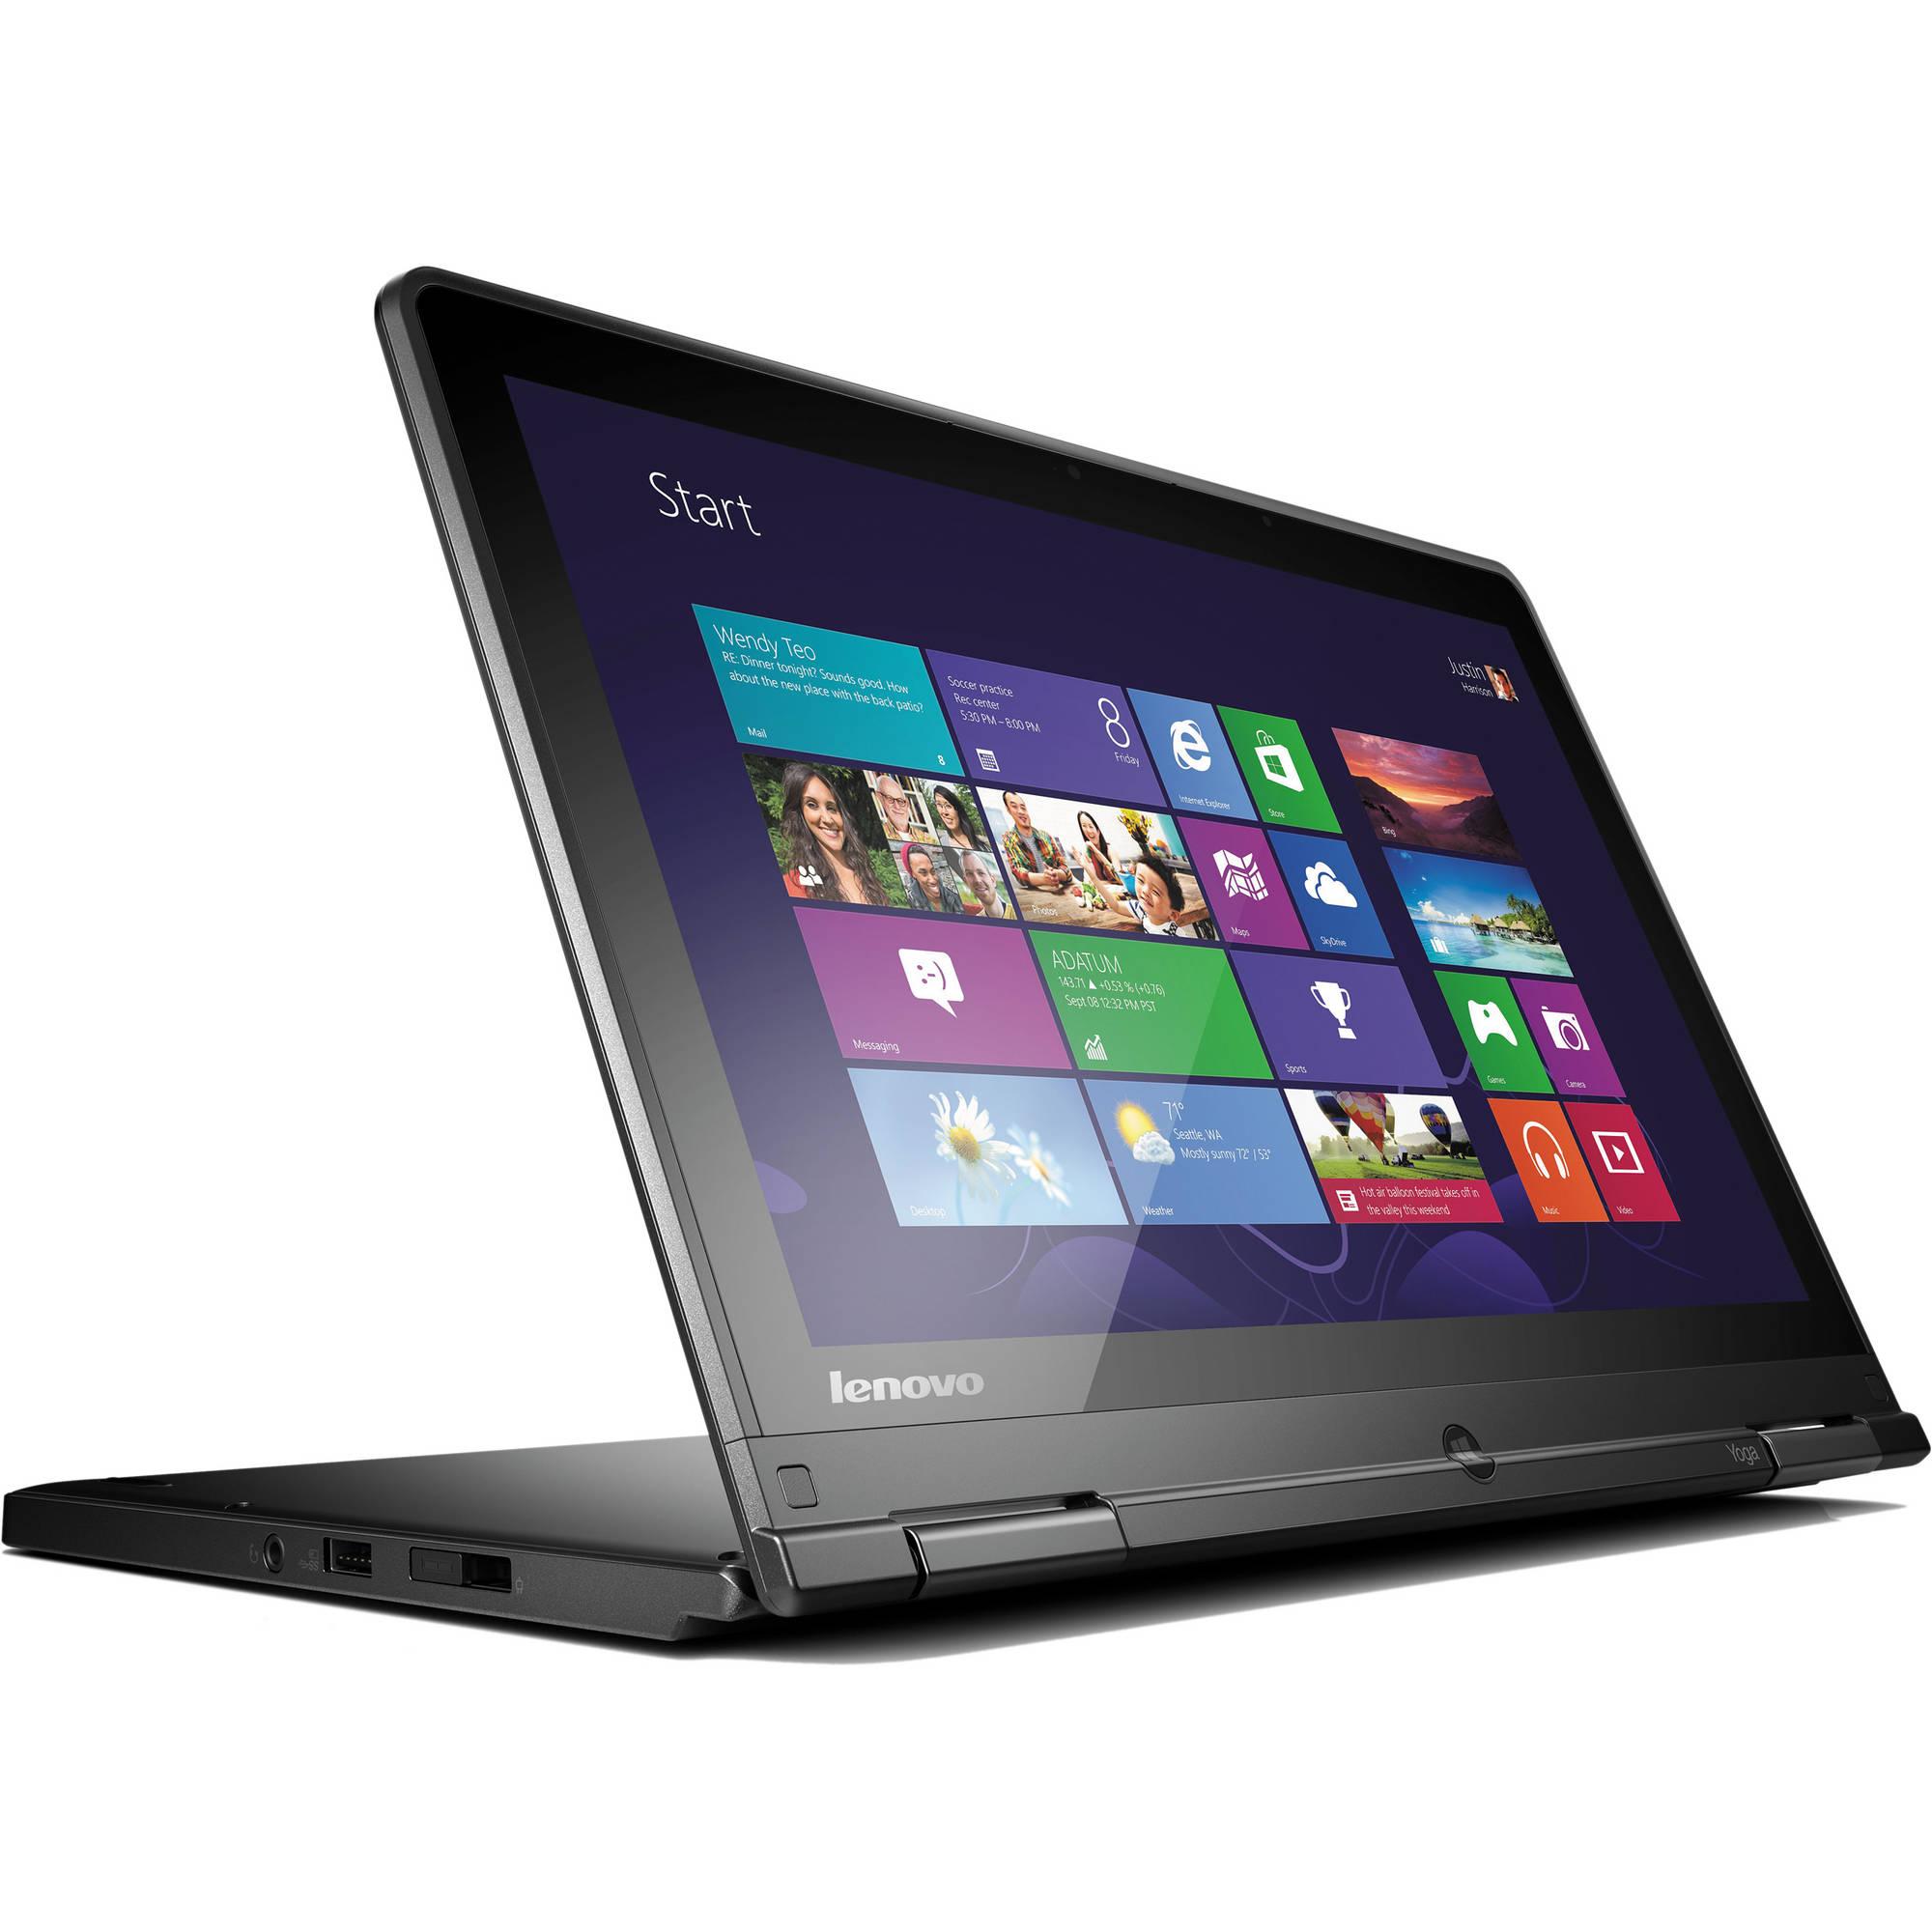 Lenovo ThinkPad S1 Yoga 20CD00AVUS 12 5